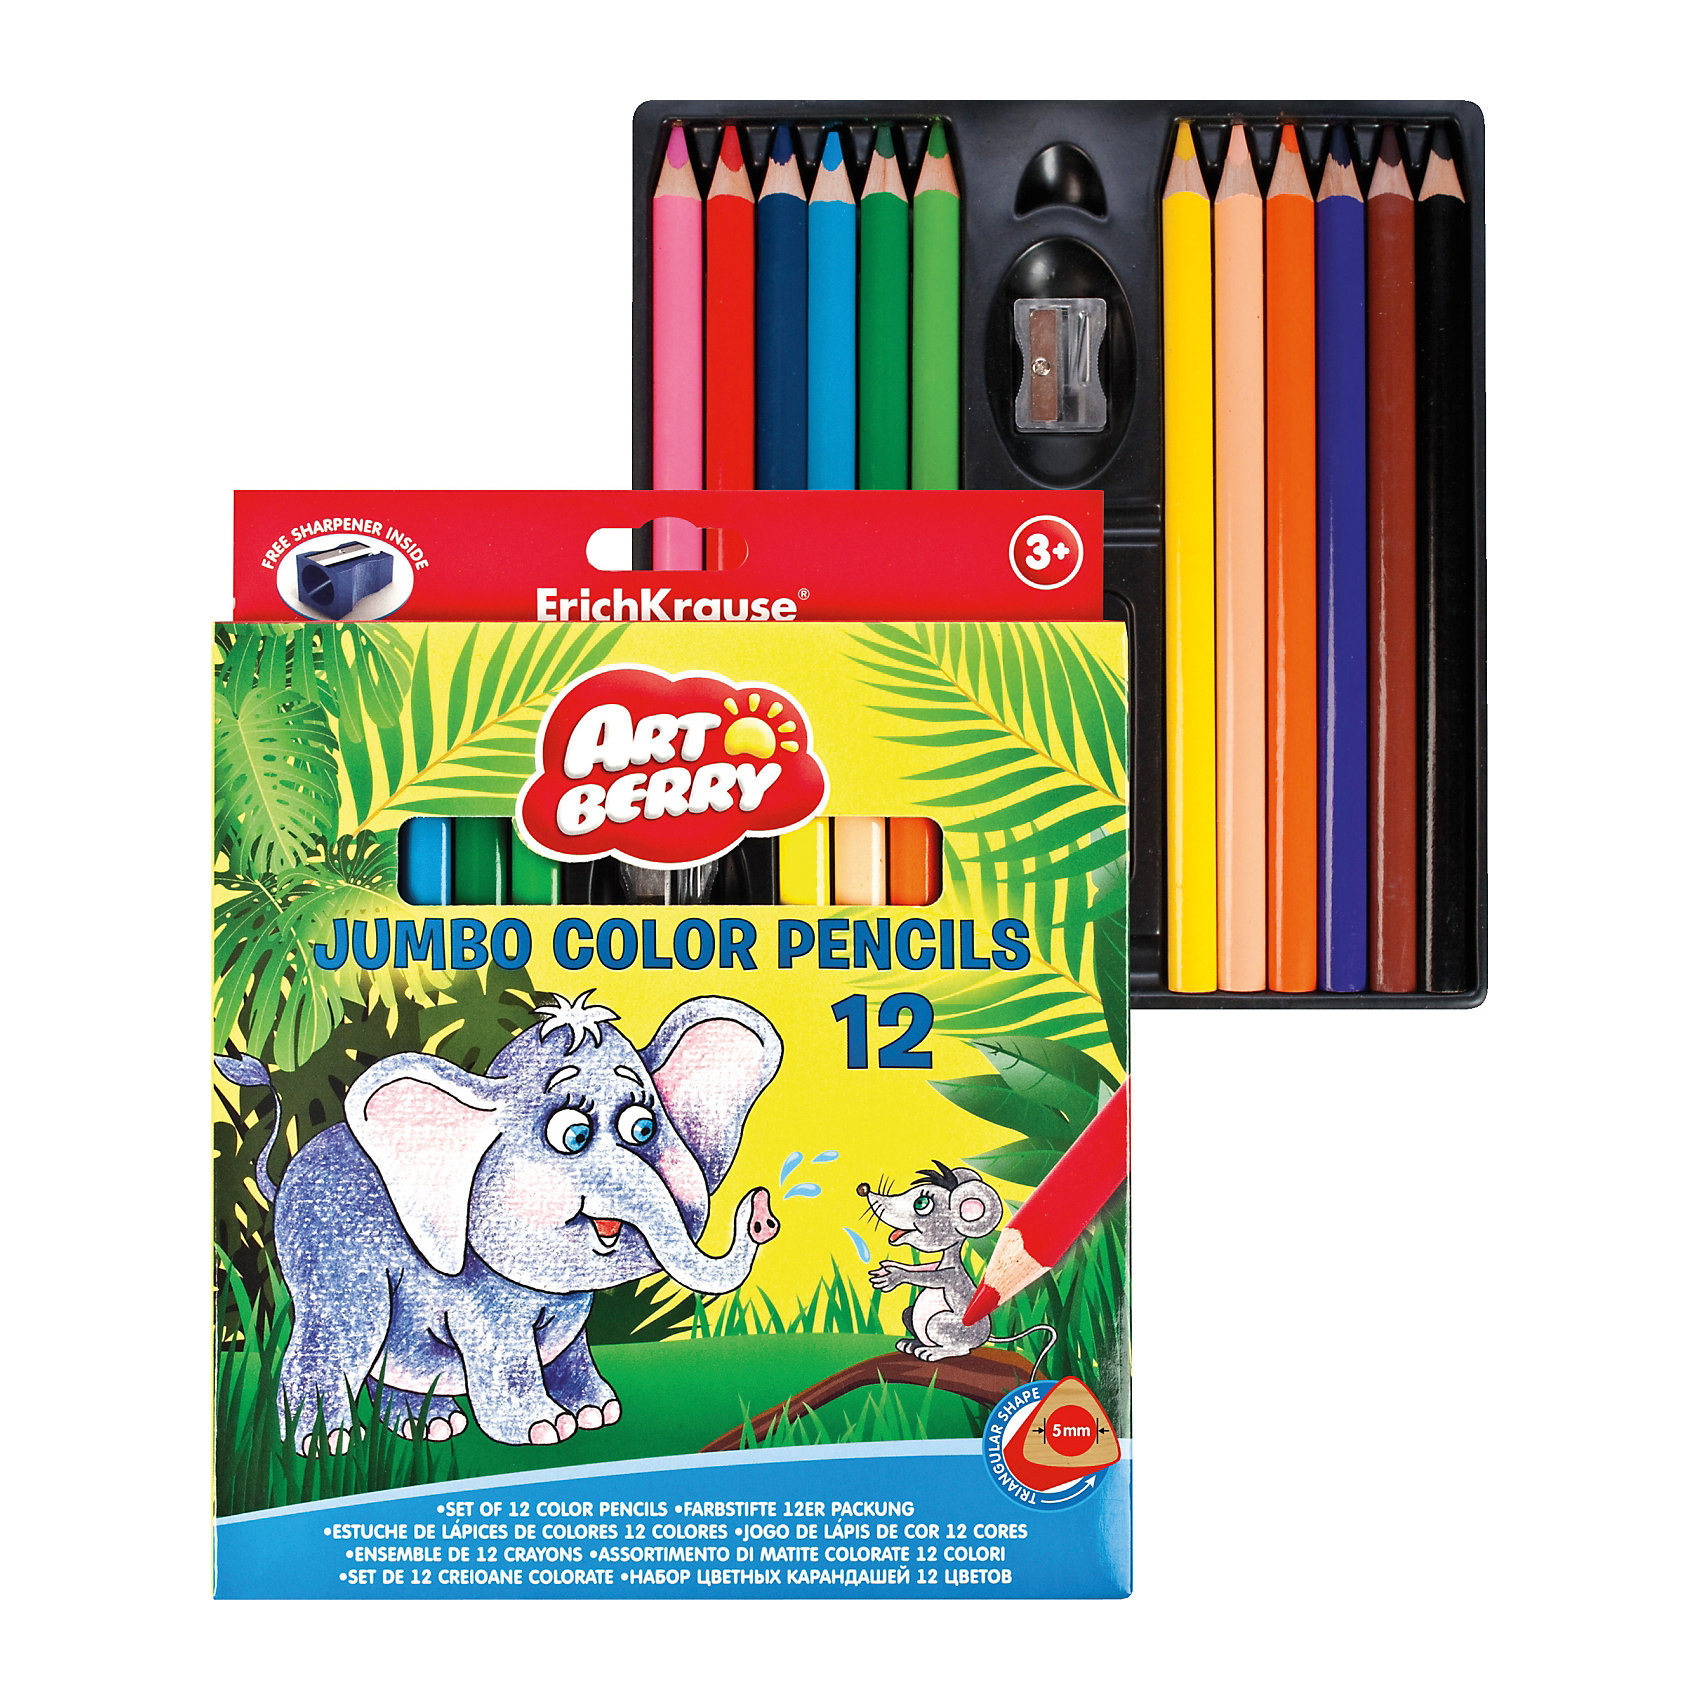 Цветные карандаши треугольные ArtBerry jumbo, 12 цветов + точилкаПисьменные принадлежности<br>Характеристики цветных карандашей треугольных ArtBerry jumbo:<br><br>• возраст: от 5 лет<br>• пол: для мальчиков и девочек<br>• комплект: 12 карандашей разного цвета, точилка.<br>• материал: дерево, металл.<br>• размер упаковки: 17.5x21.3x1.5 см.<br>• упаковка: картонная коробка.<br>• диаметр корпуса: 1 см.<br>• диаметр грифеля: 5 см.<br>• бренд: Erich Krause<br>• страна обладатель бренда: Россия.<br><br>Треугольные цветные карандаши обязательно пригодятся, когда надо будет разукрасить рисунок. В данный набор вошли карандаши с утолщенным корпусом и грифелем, специально разработанные для детей. Удобная форма корпуса позволяет рисовать не напрягая руки. Карандаши не ломаются при падении и не крошатся в процессе рисования. А для своевременной заточки стоит использовать точилку, которая также входит в комплект.<br><br>Рисунки, выполненные данными карандашами, со временем не теряют яркости, поскольку в состав грифелей входят особые пигменты, которые обеспечивают насыщенный цвет.<br><br>Цветные карандаши треугольные ArtBerry jumbo торговой марки Erich Krause  можно купить в нашем интернет-магазине.<br><br>Ширина мм: 175<br>Глубина мм: 213<br>Высота мм: 15<br>Вес г: 175<br>Возраст от месяцев: 60<br>Возраст до месяцев: 216<br>Пол: Унисекс<br>Возраст: Детский<br>SKU: 5409229